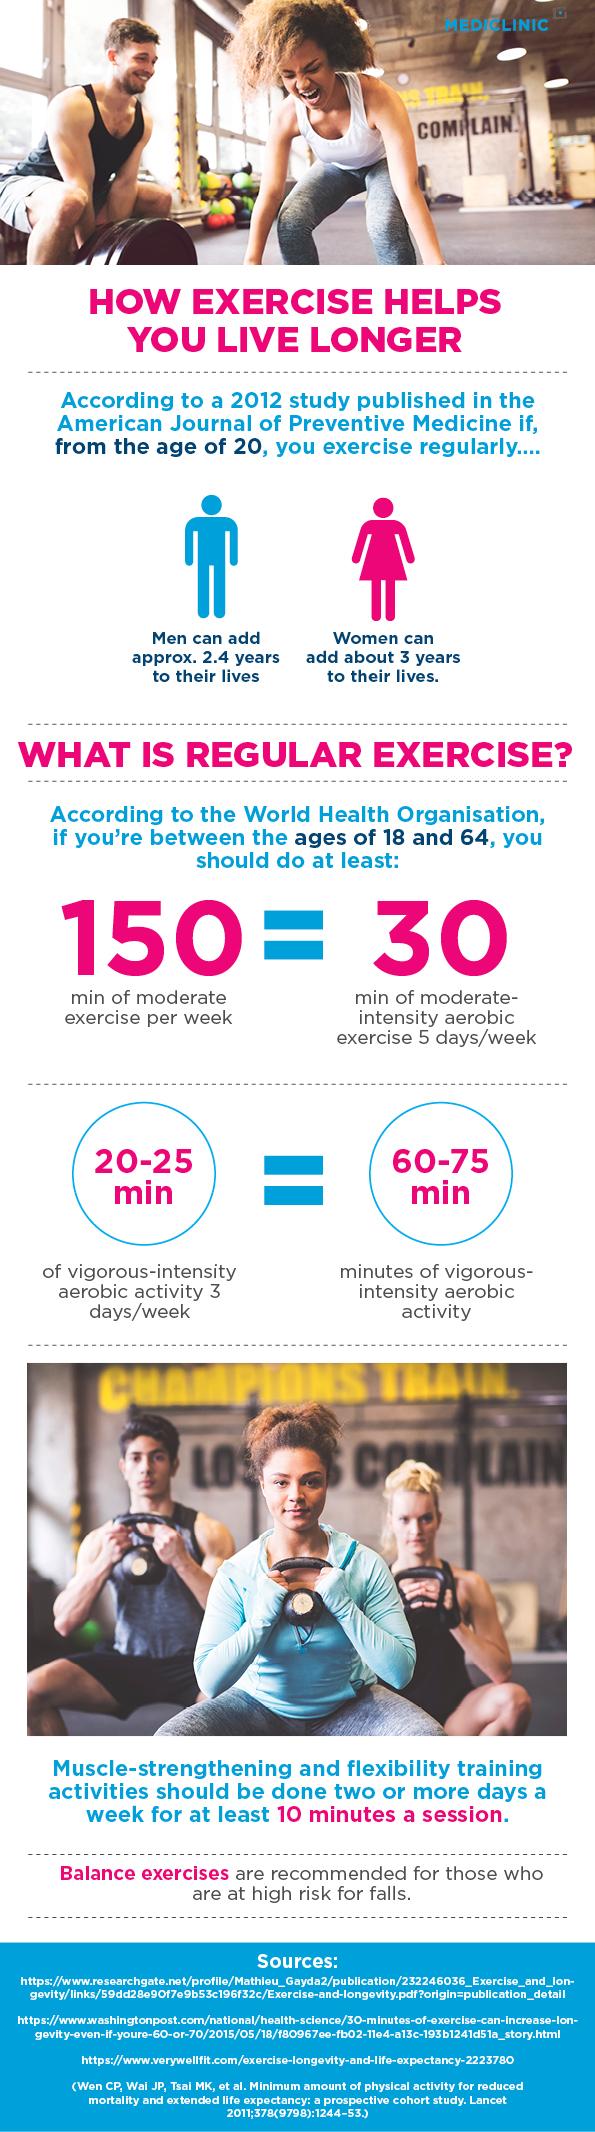 exercise infographic, exercise, longevity